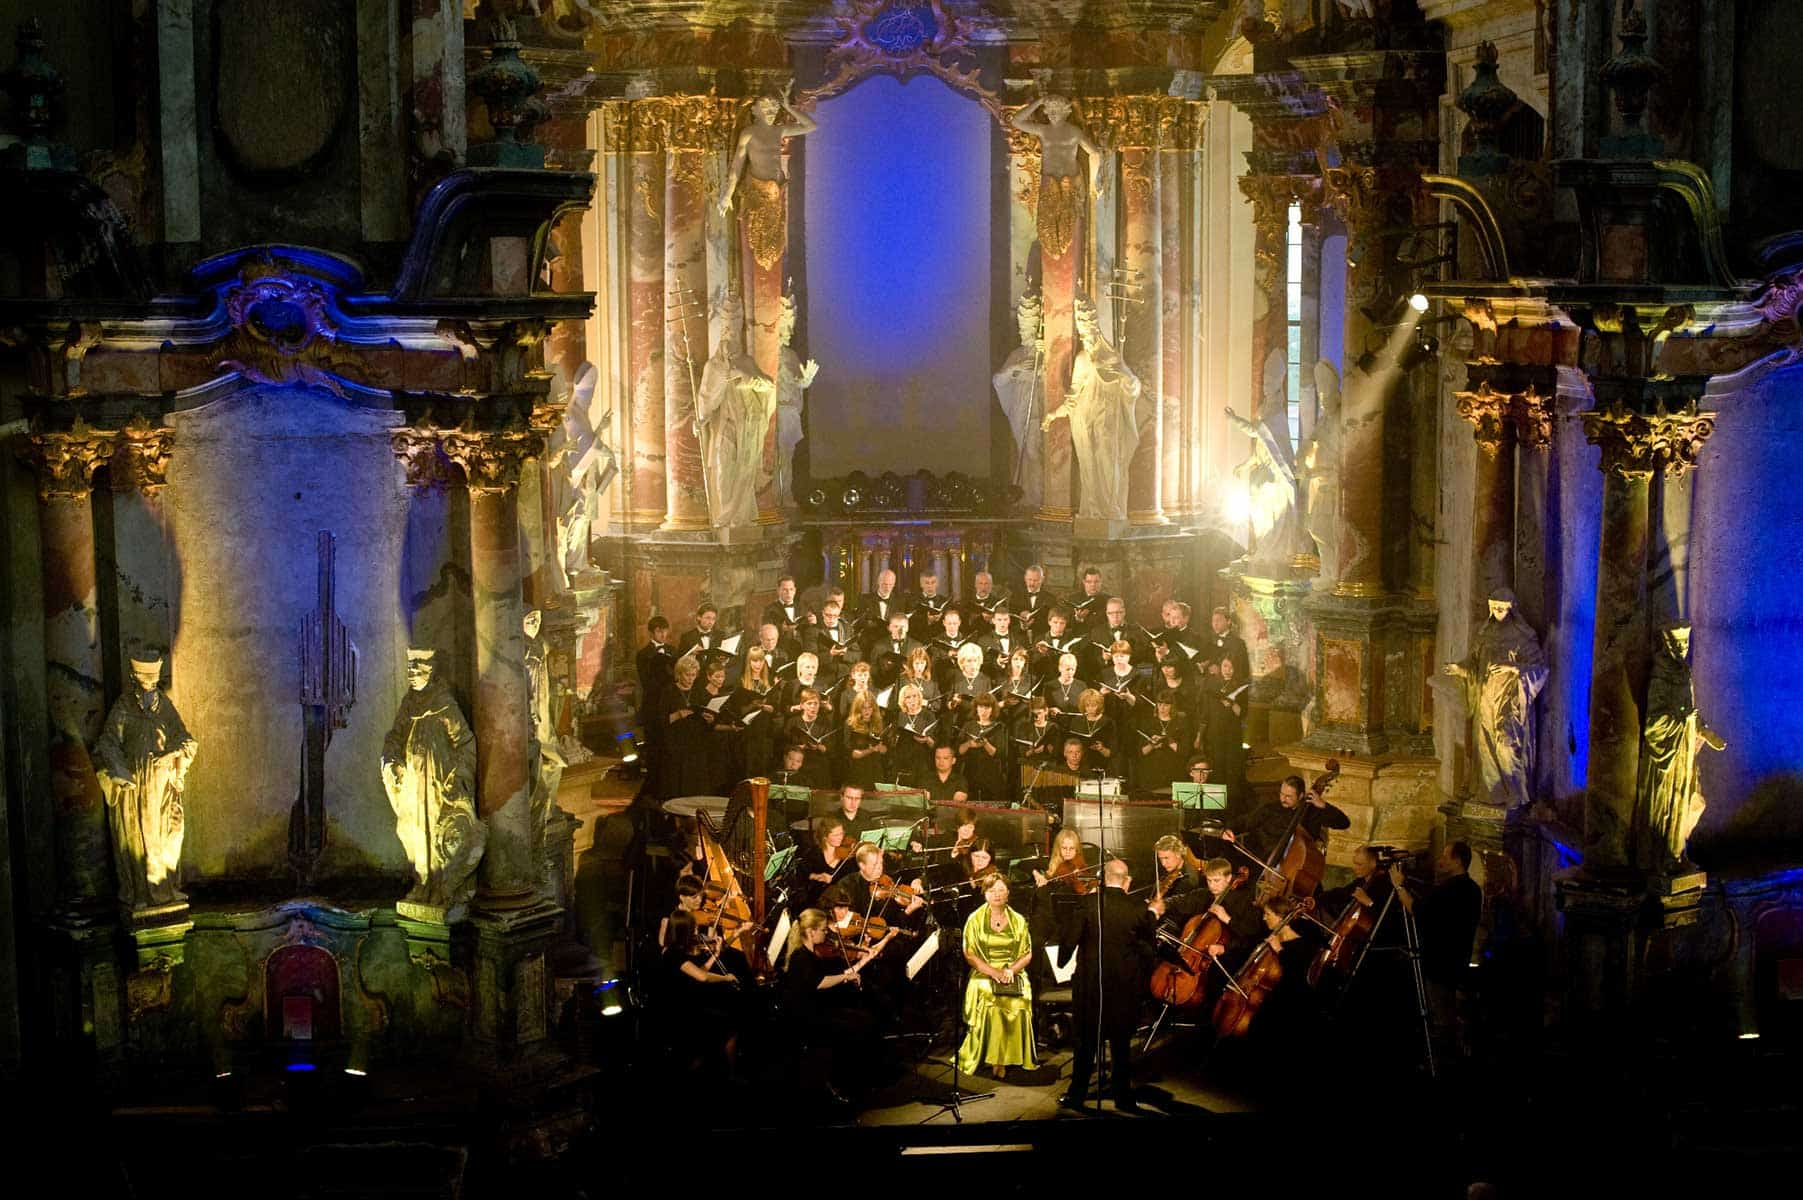 REsor_litauen_-Concert-in-St.Catherine-Church_nygren_Lind